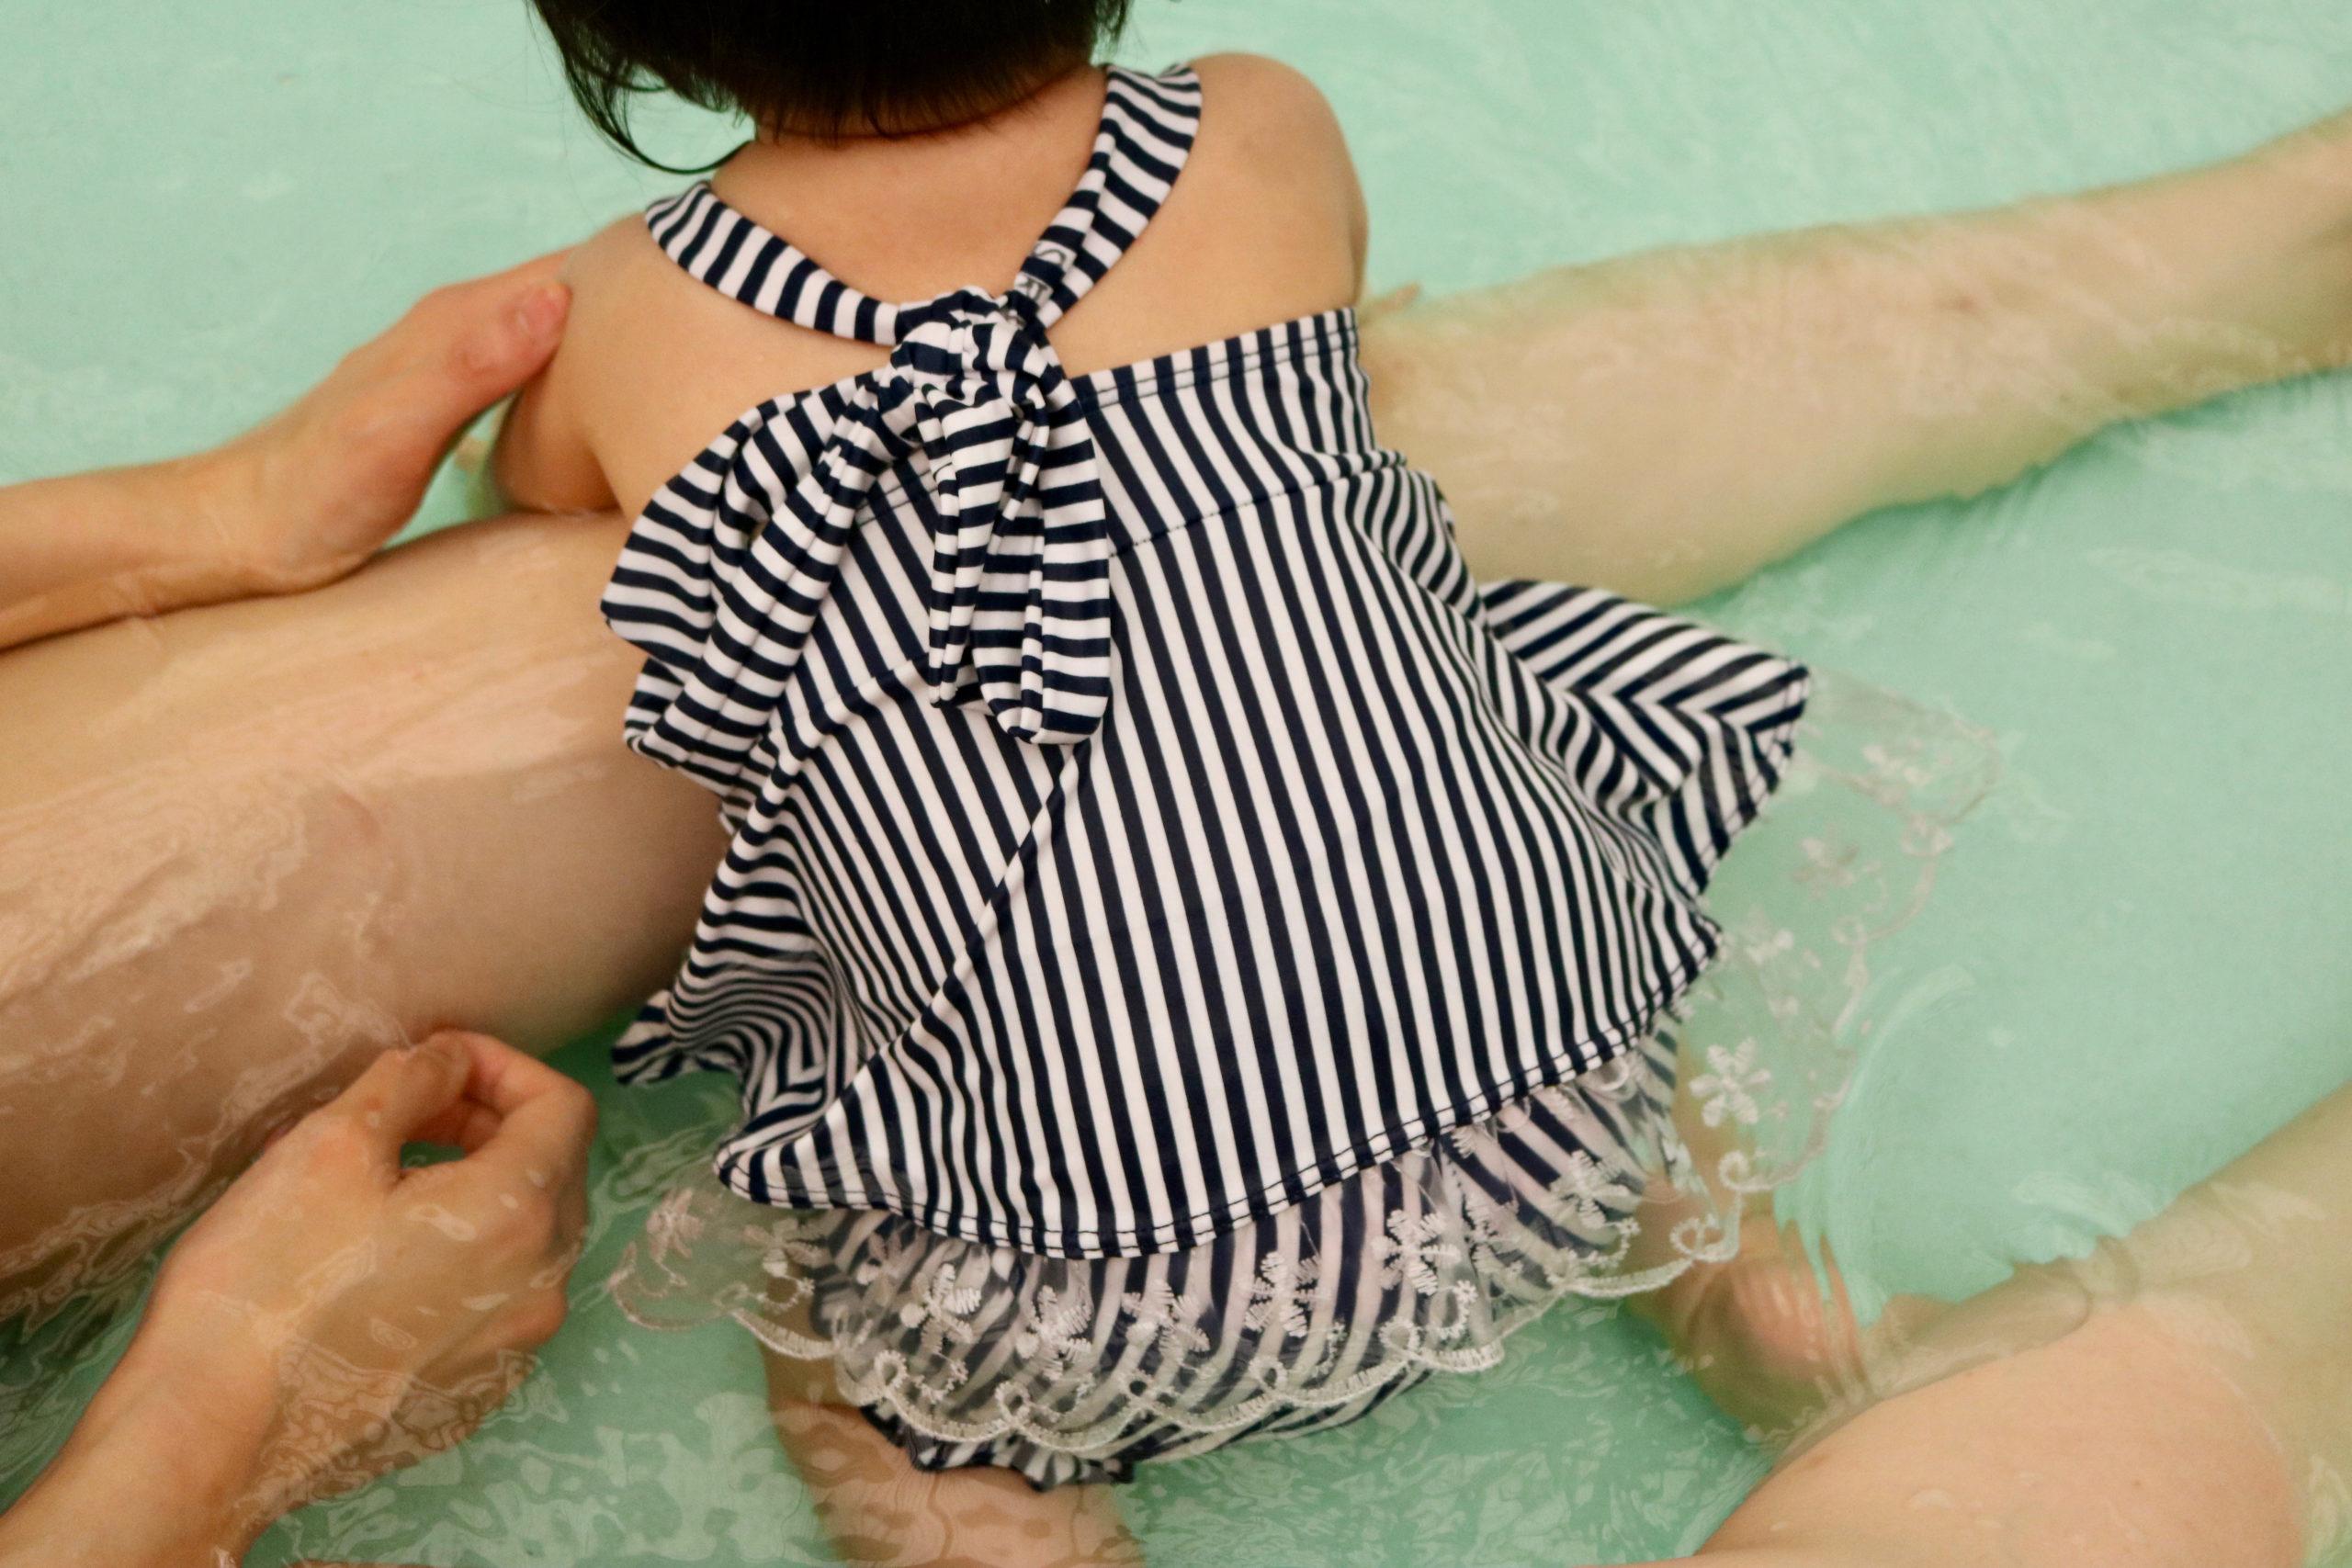 はじめてのプールで戯れるムスメ